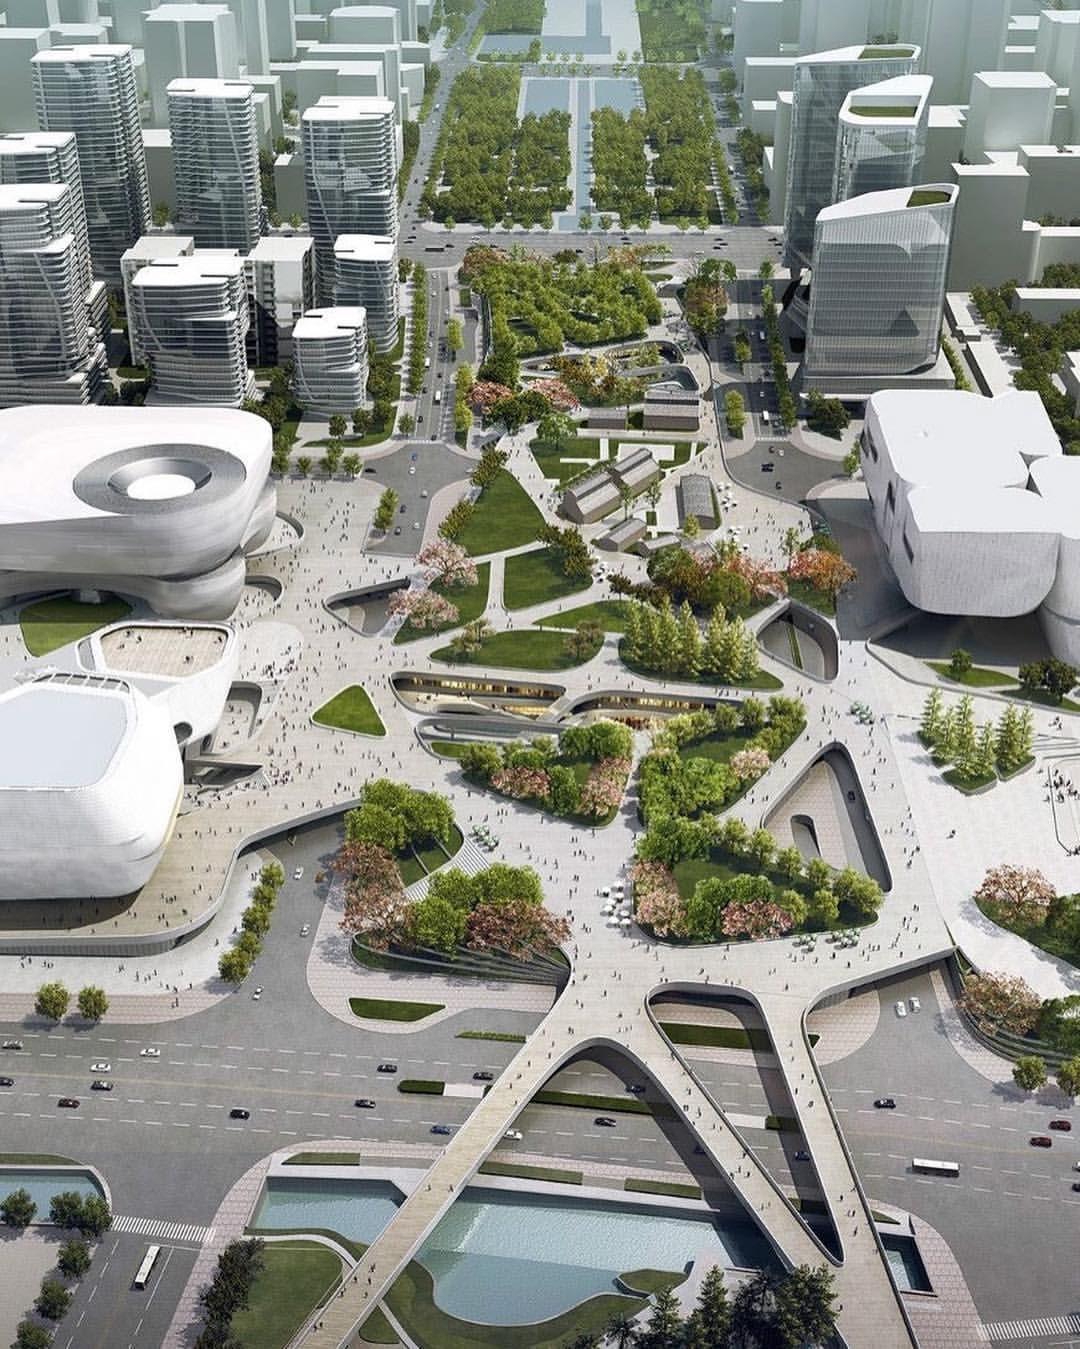 Urban Garden Design: See This Instagram Photo By @amazing.architecture • 11.8k